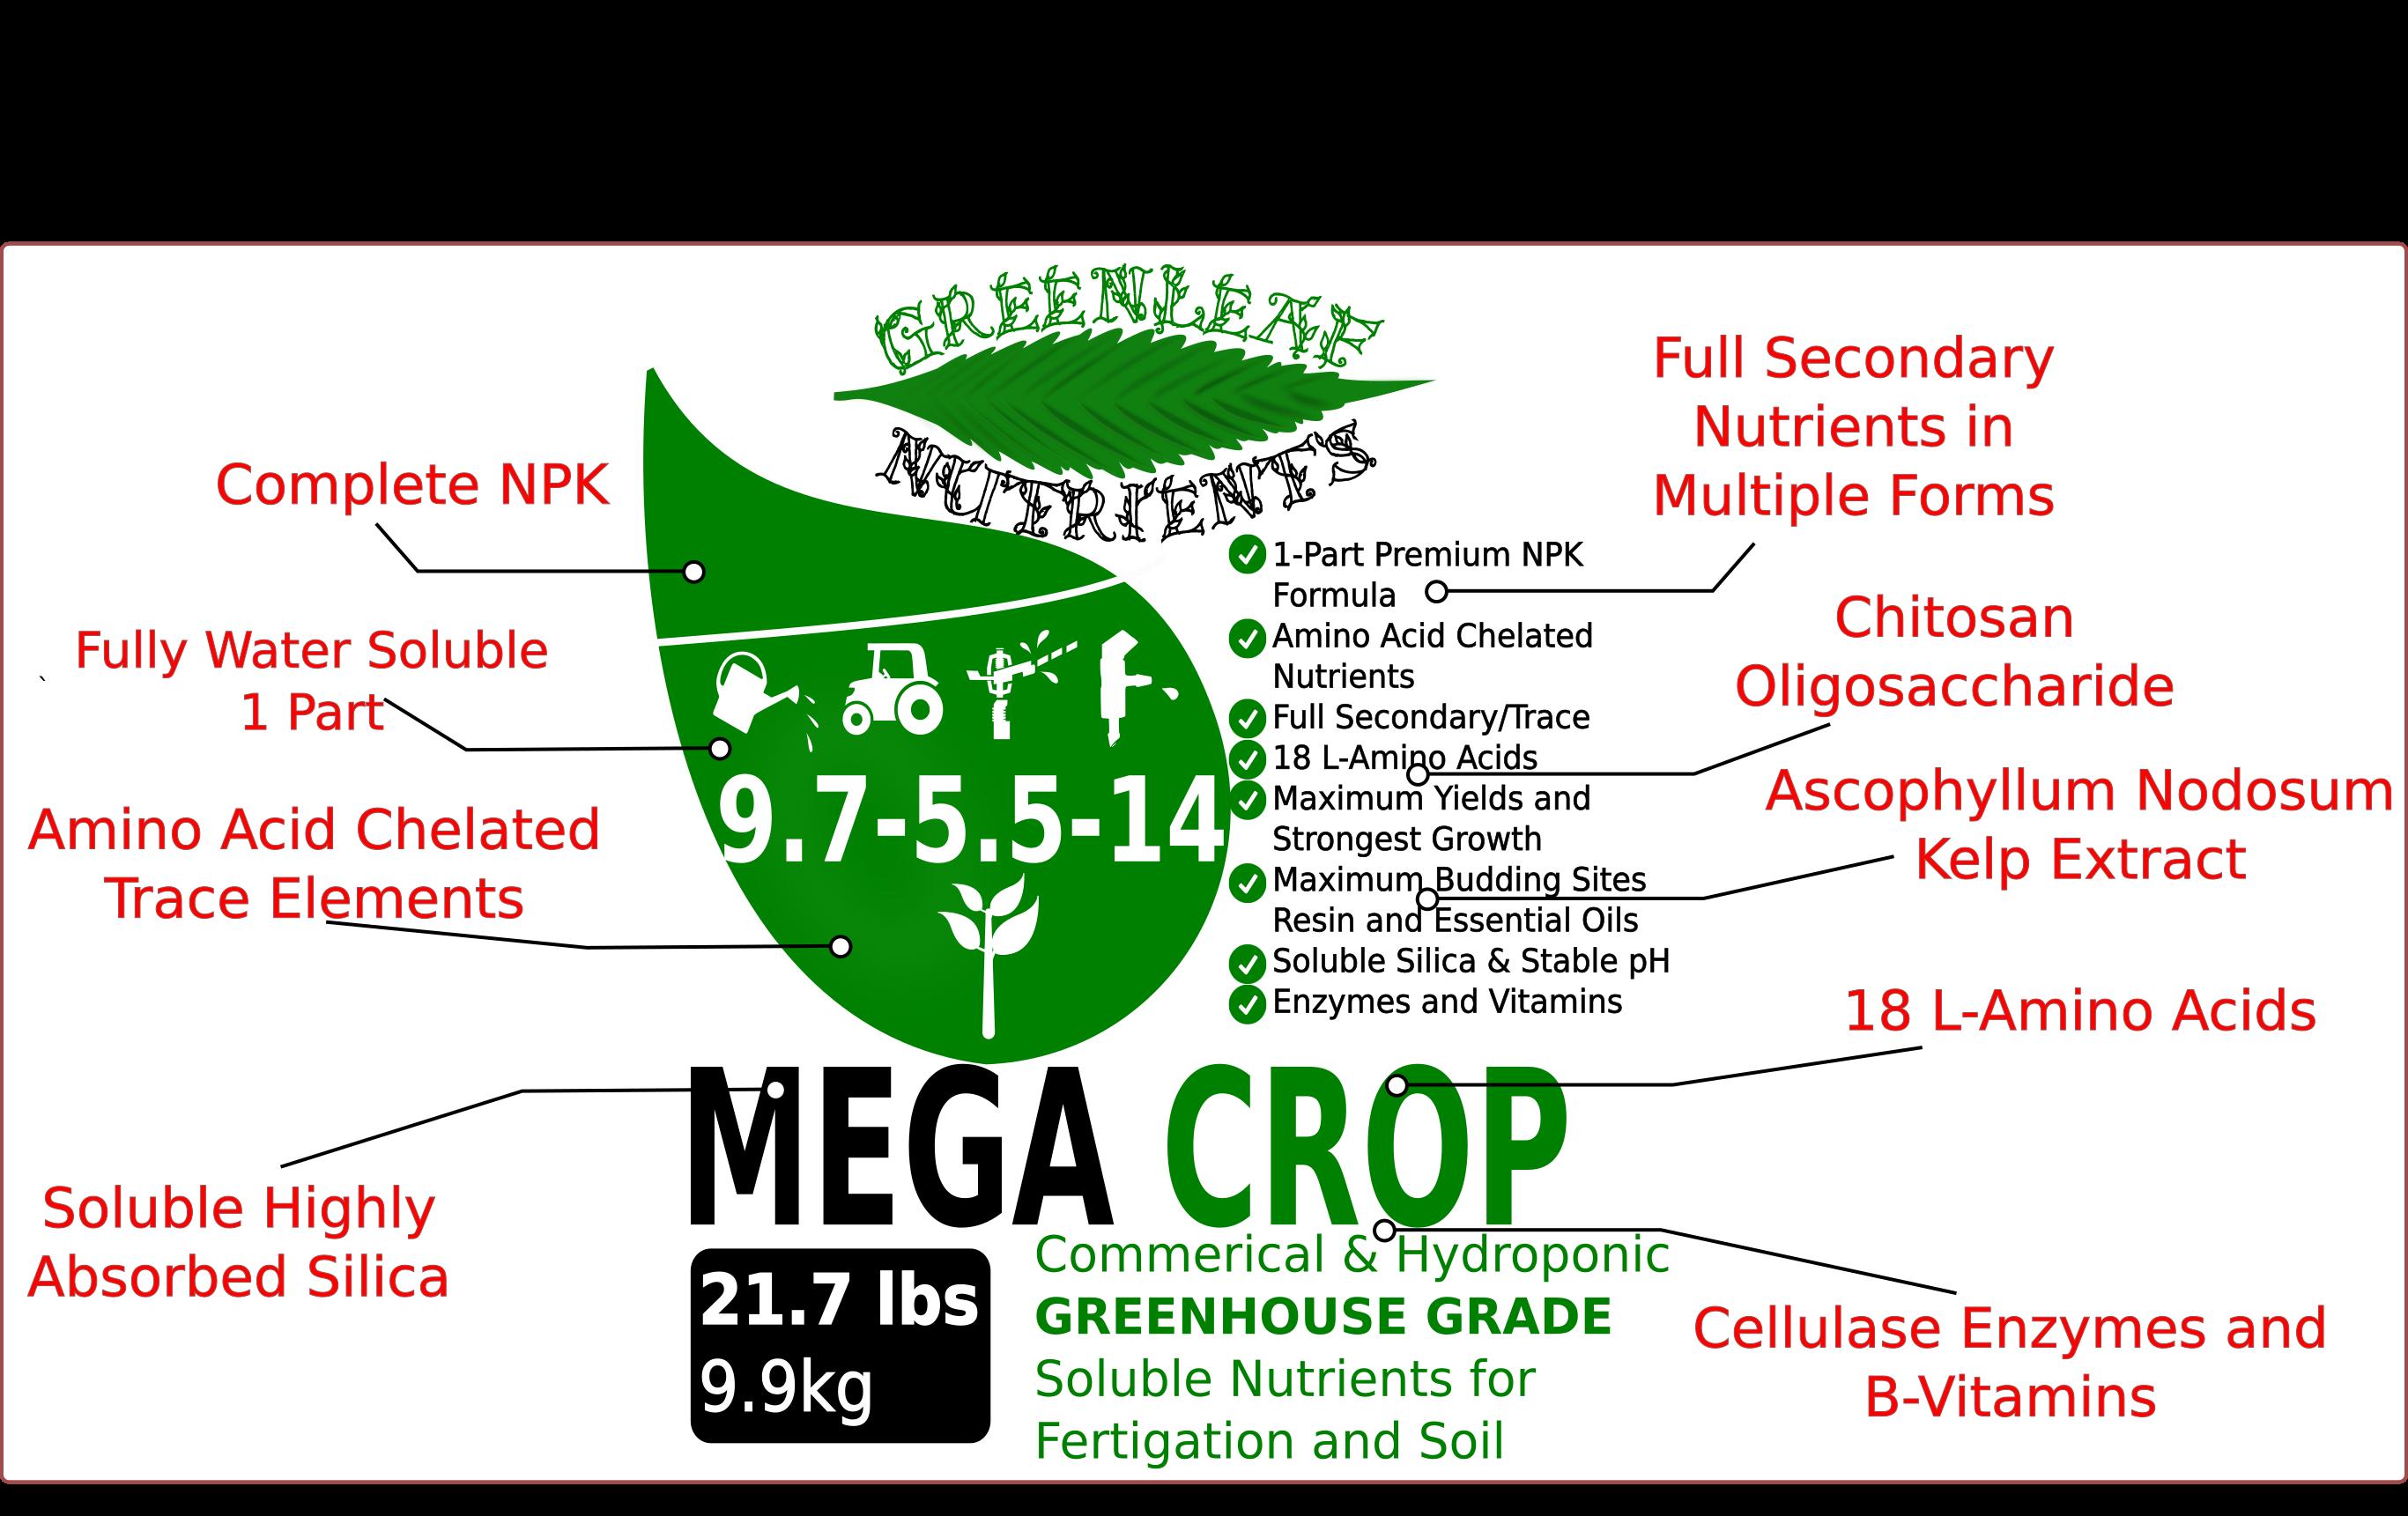 MEGA CROP – Greenleaf Nutrients